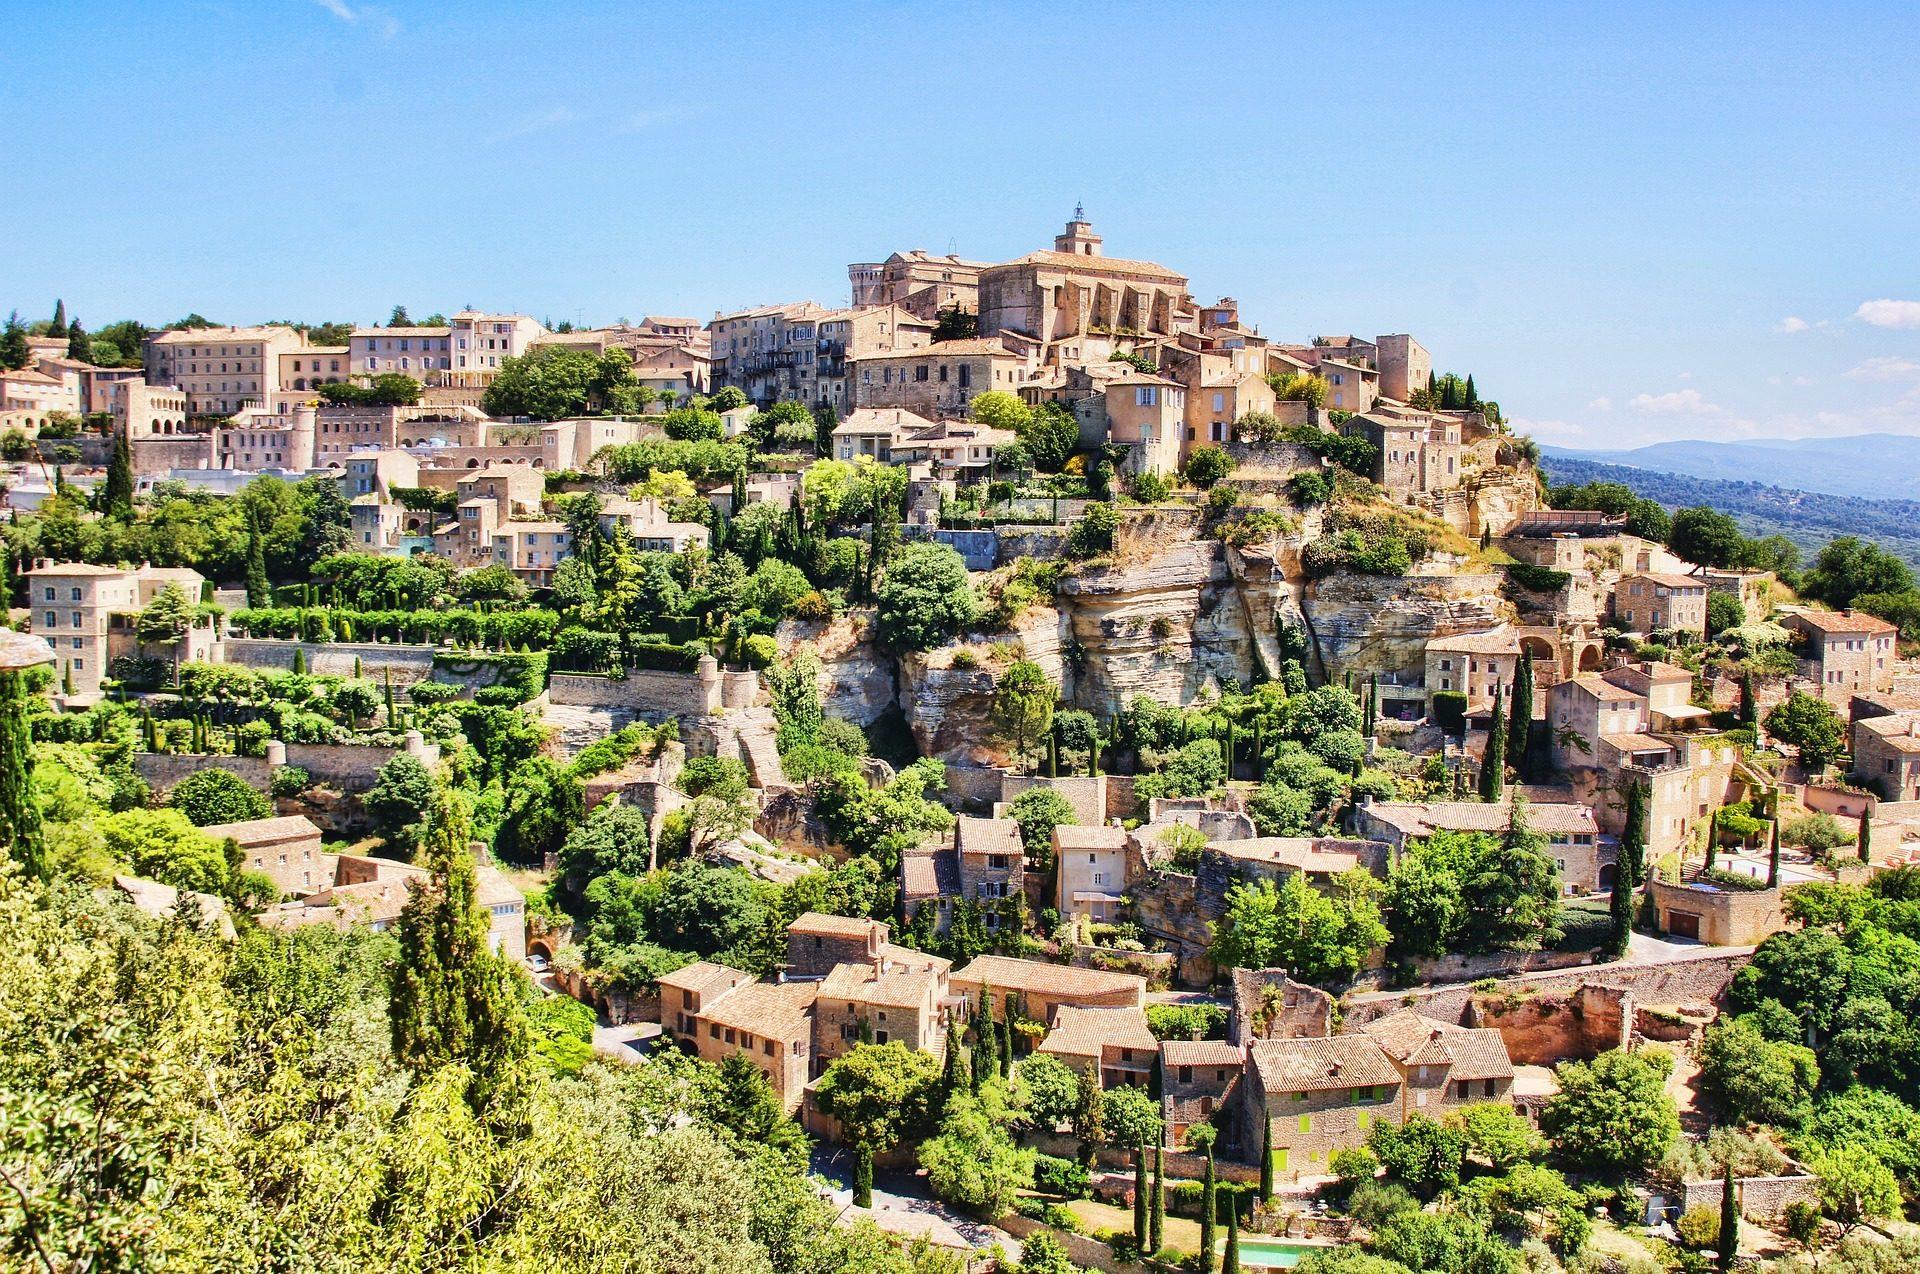 χωριό, Βουνό, Λόφου, σπίτια, Προβηγκία, Βίλα, Γαλλία - Wallpapers HD - Professor-falken.com